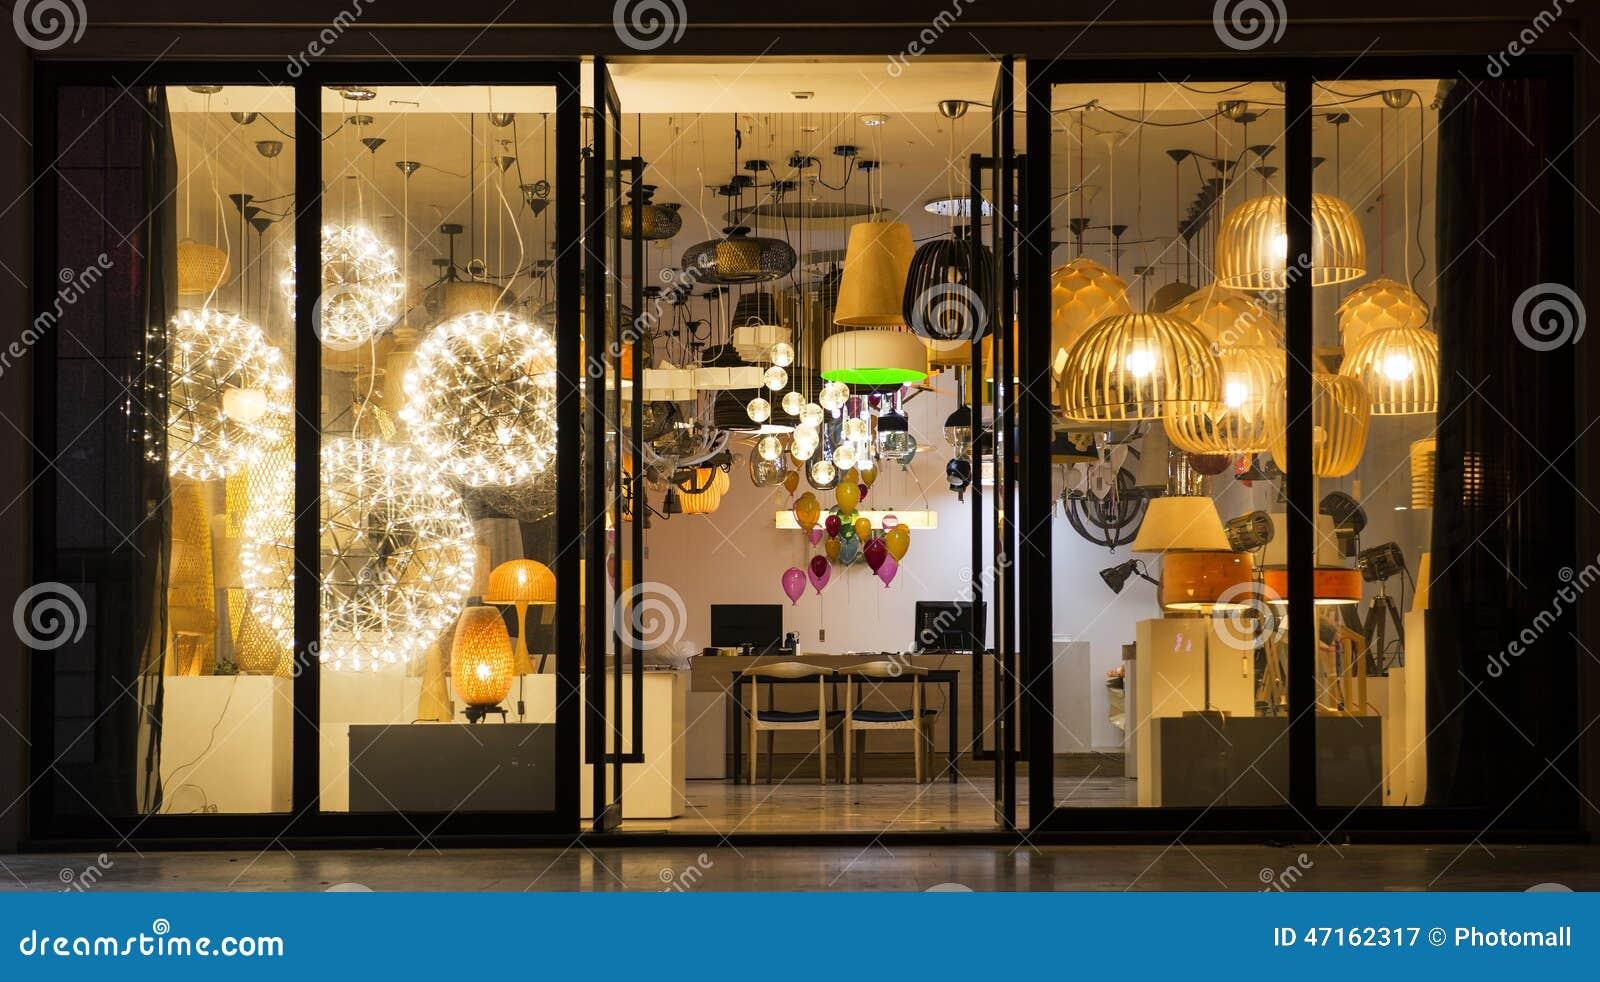 Varia illuminazione in un negozio di illuminazione illuminazione